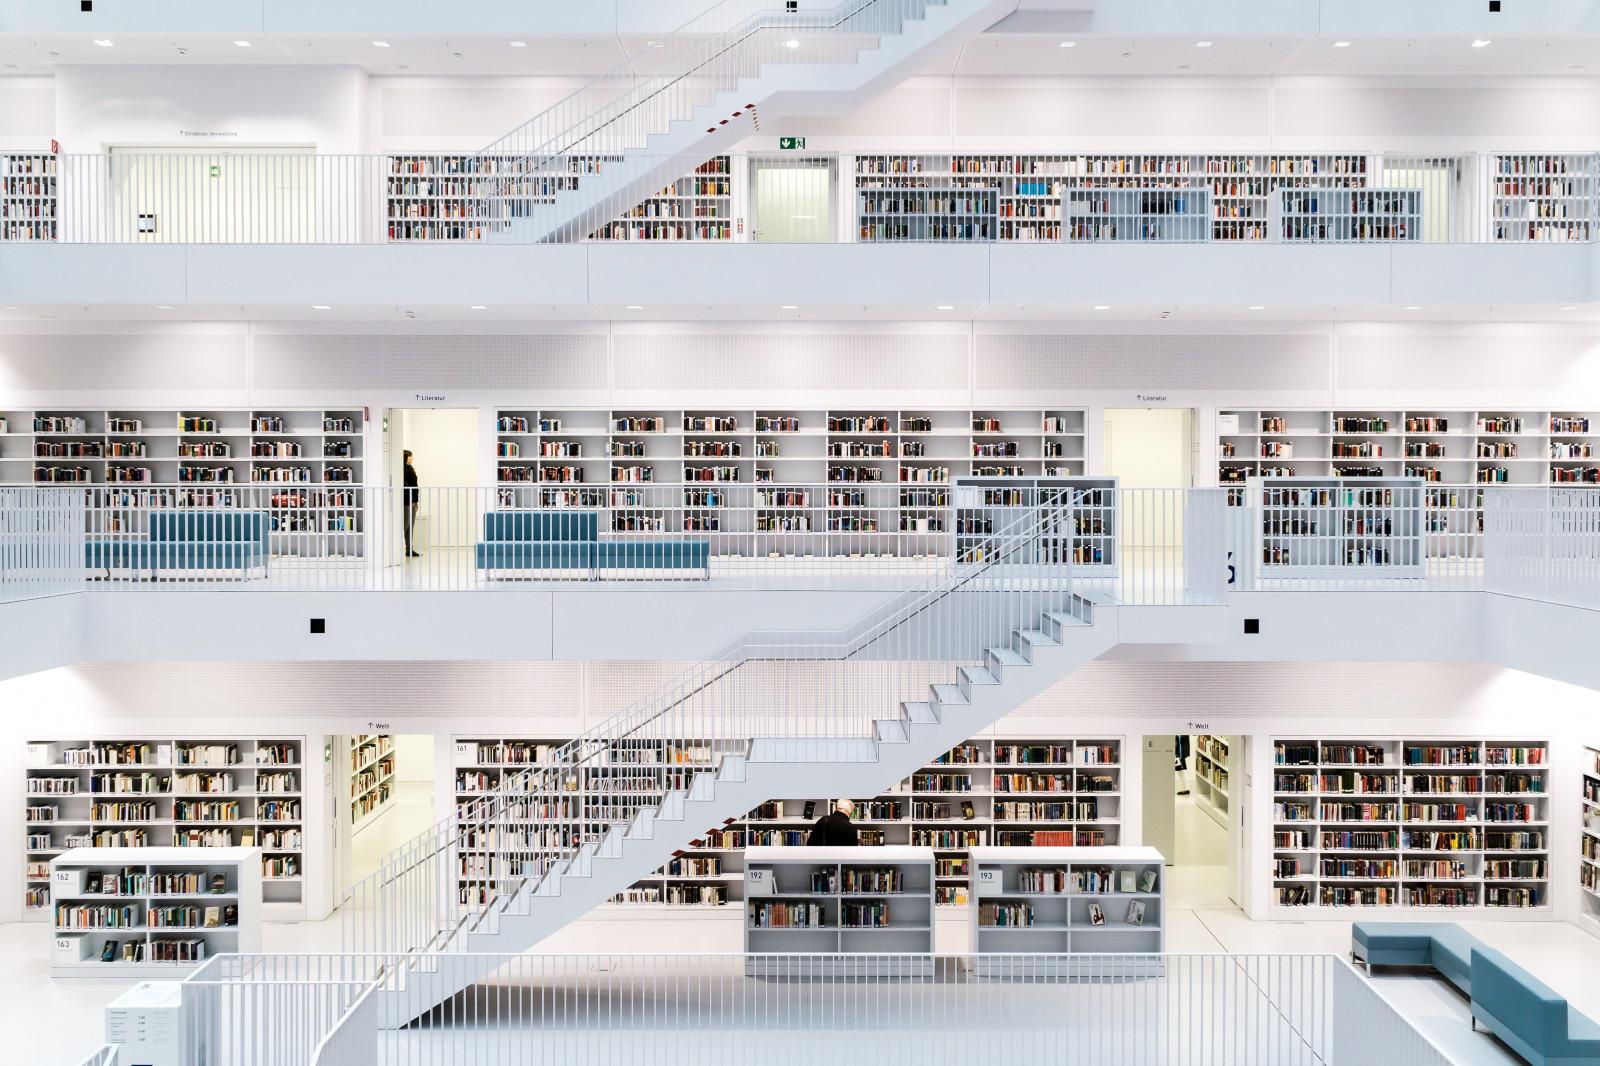 Hintergrundbilder  die Architektur, Gebäude, Bücher, Deutschland ...